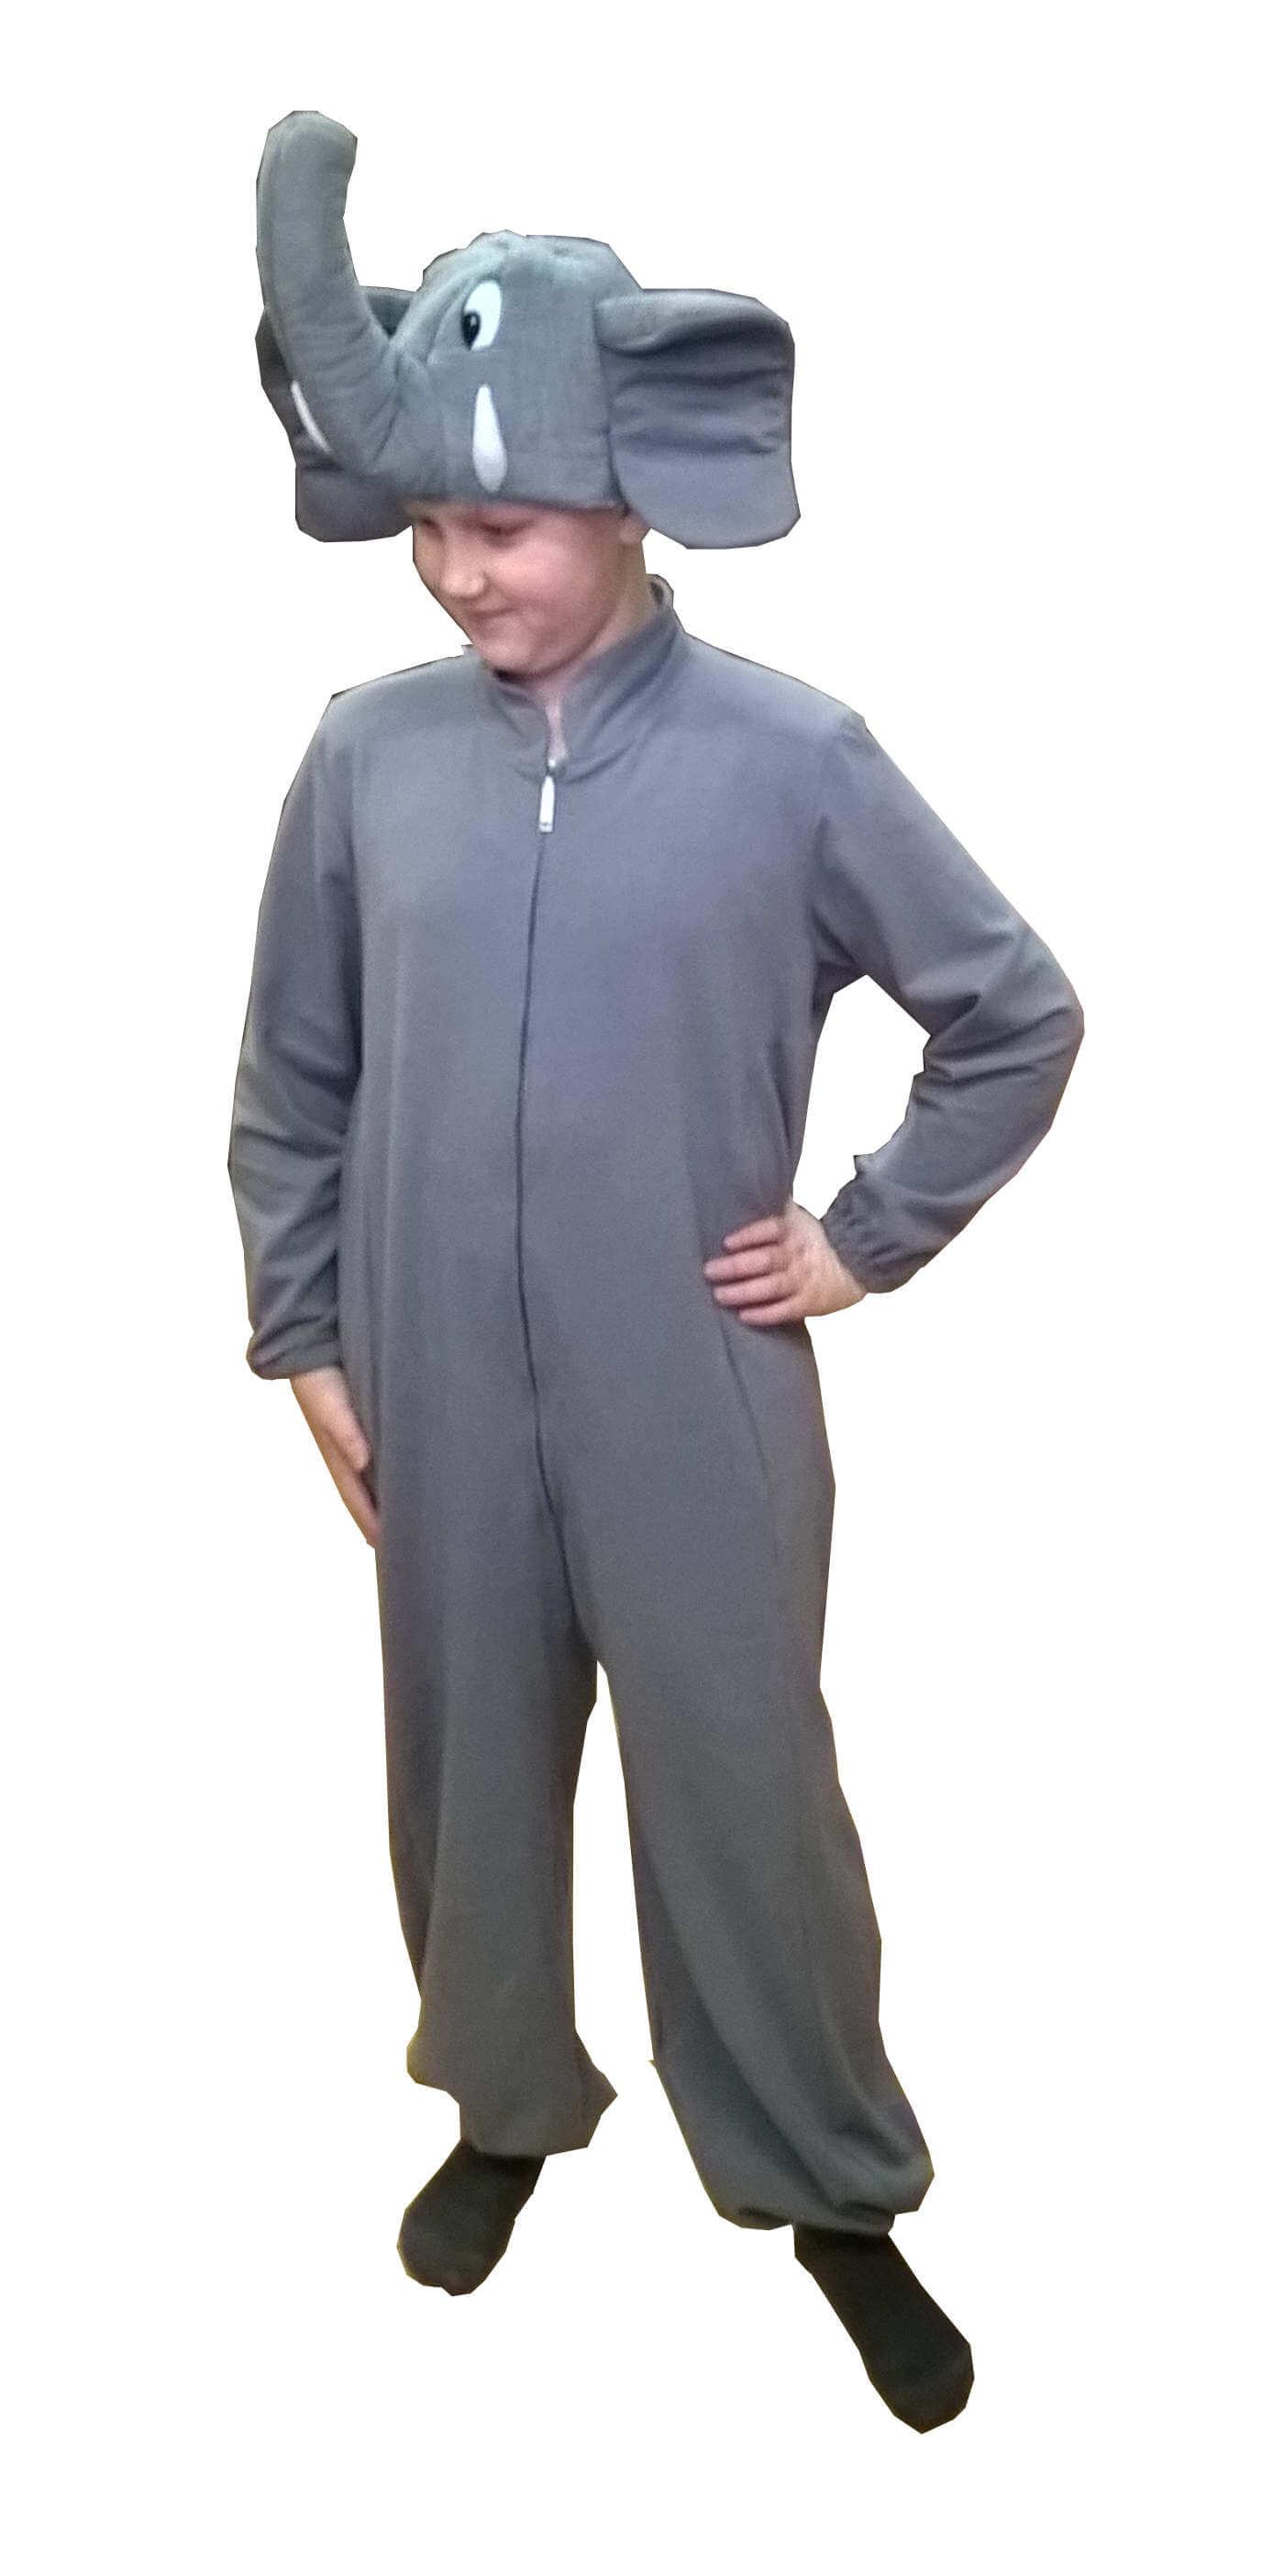 костюм слона. Dramblio kostiumas. Gyvunų karnavaliniai kostiumai. Karnavaliniu kostiumu nuoma vaikams Vilniuje - pasakunamai.lt